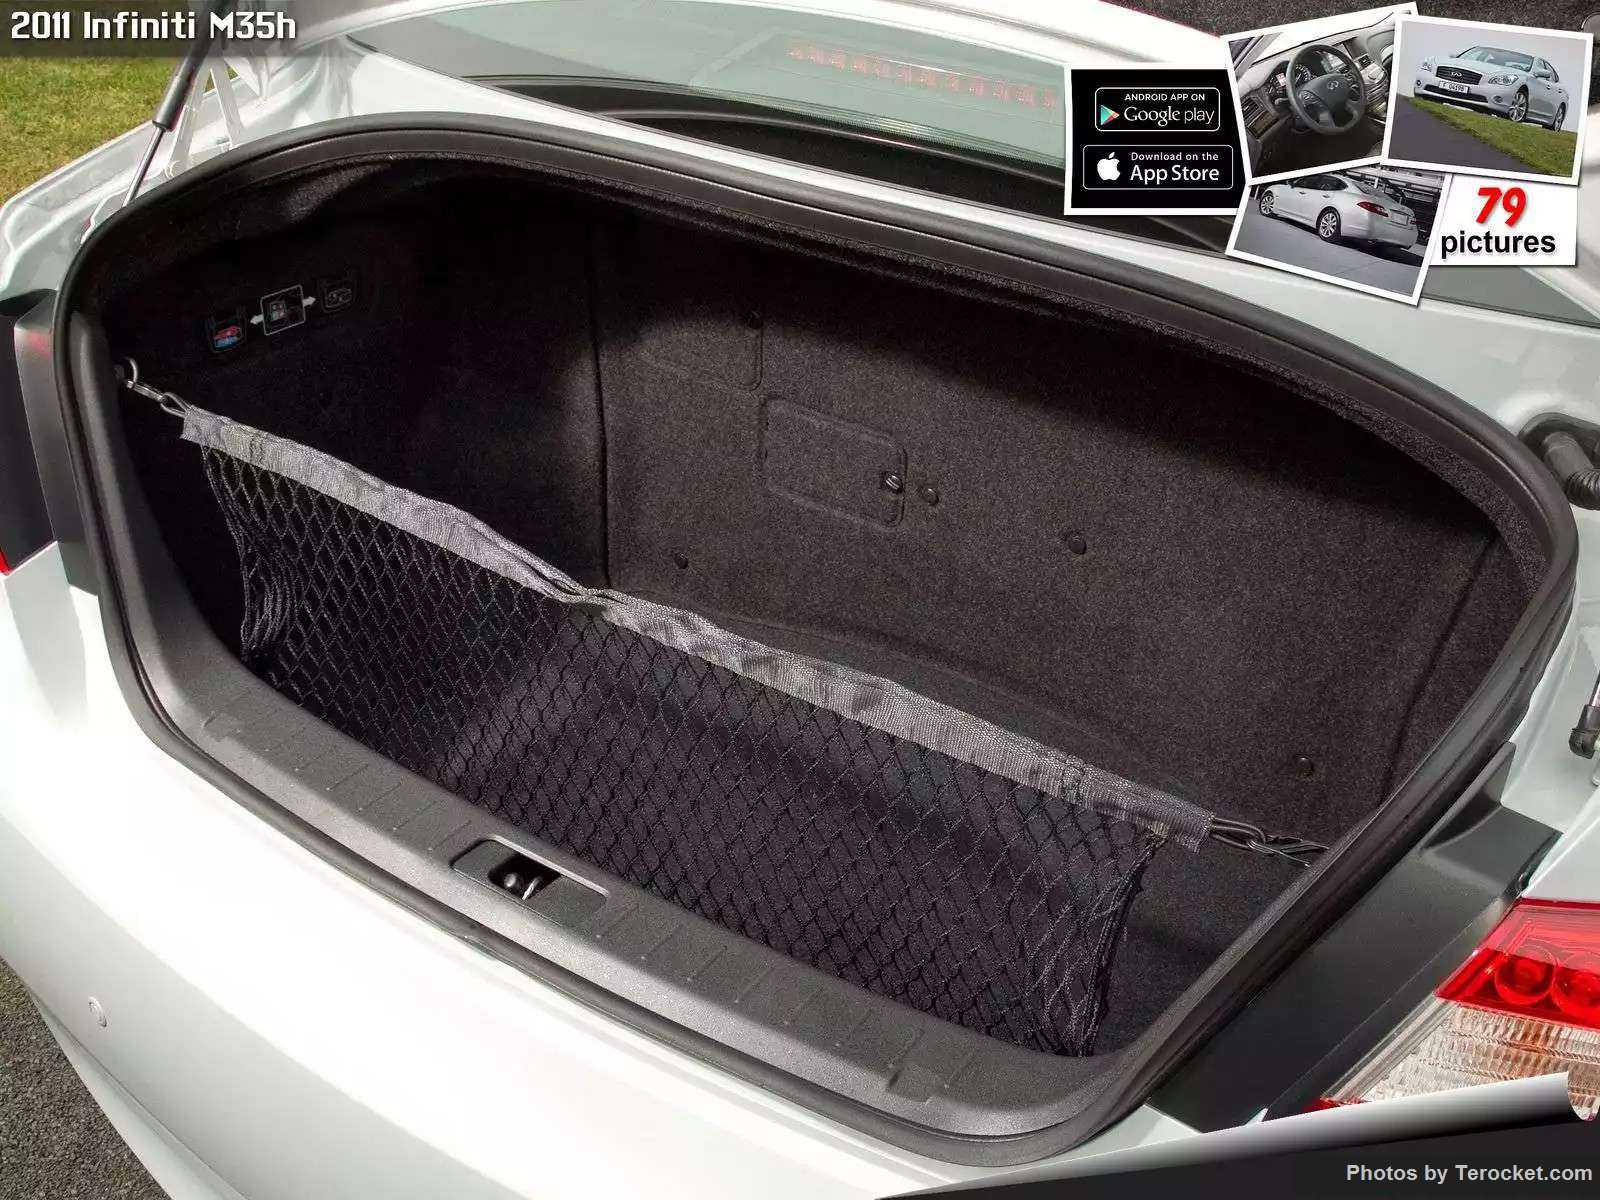 Hình ảnh xe ô tô Infiniti M35h 2011 & nội ngoại thất